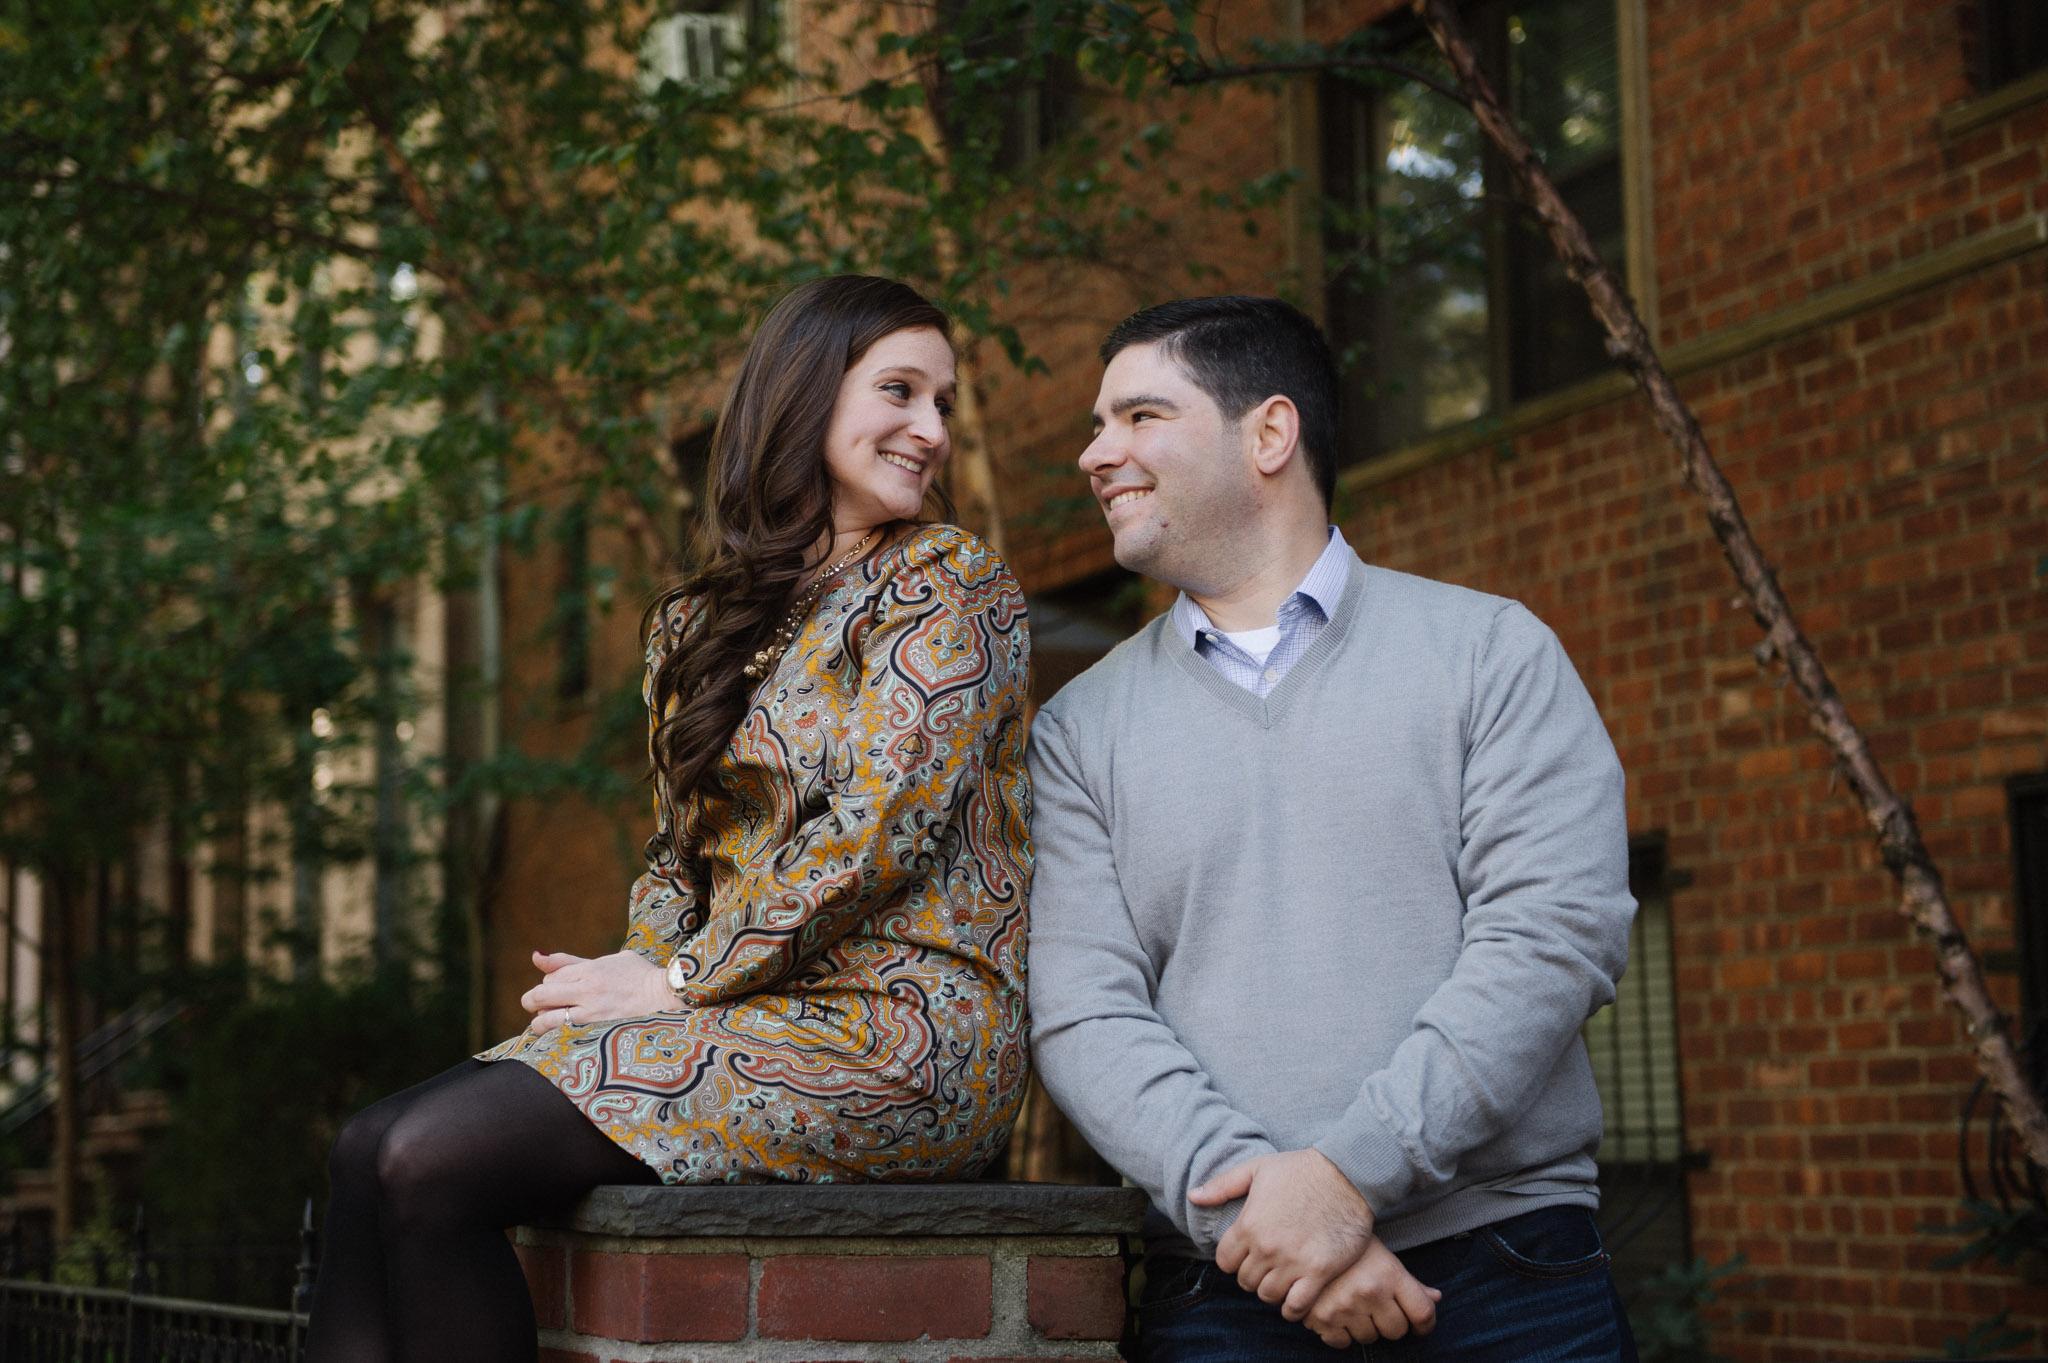 161010_0088-Danielle+Matthew_Engagement.jpg